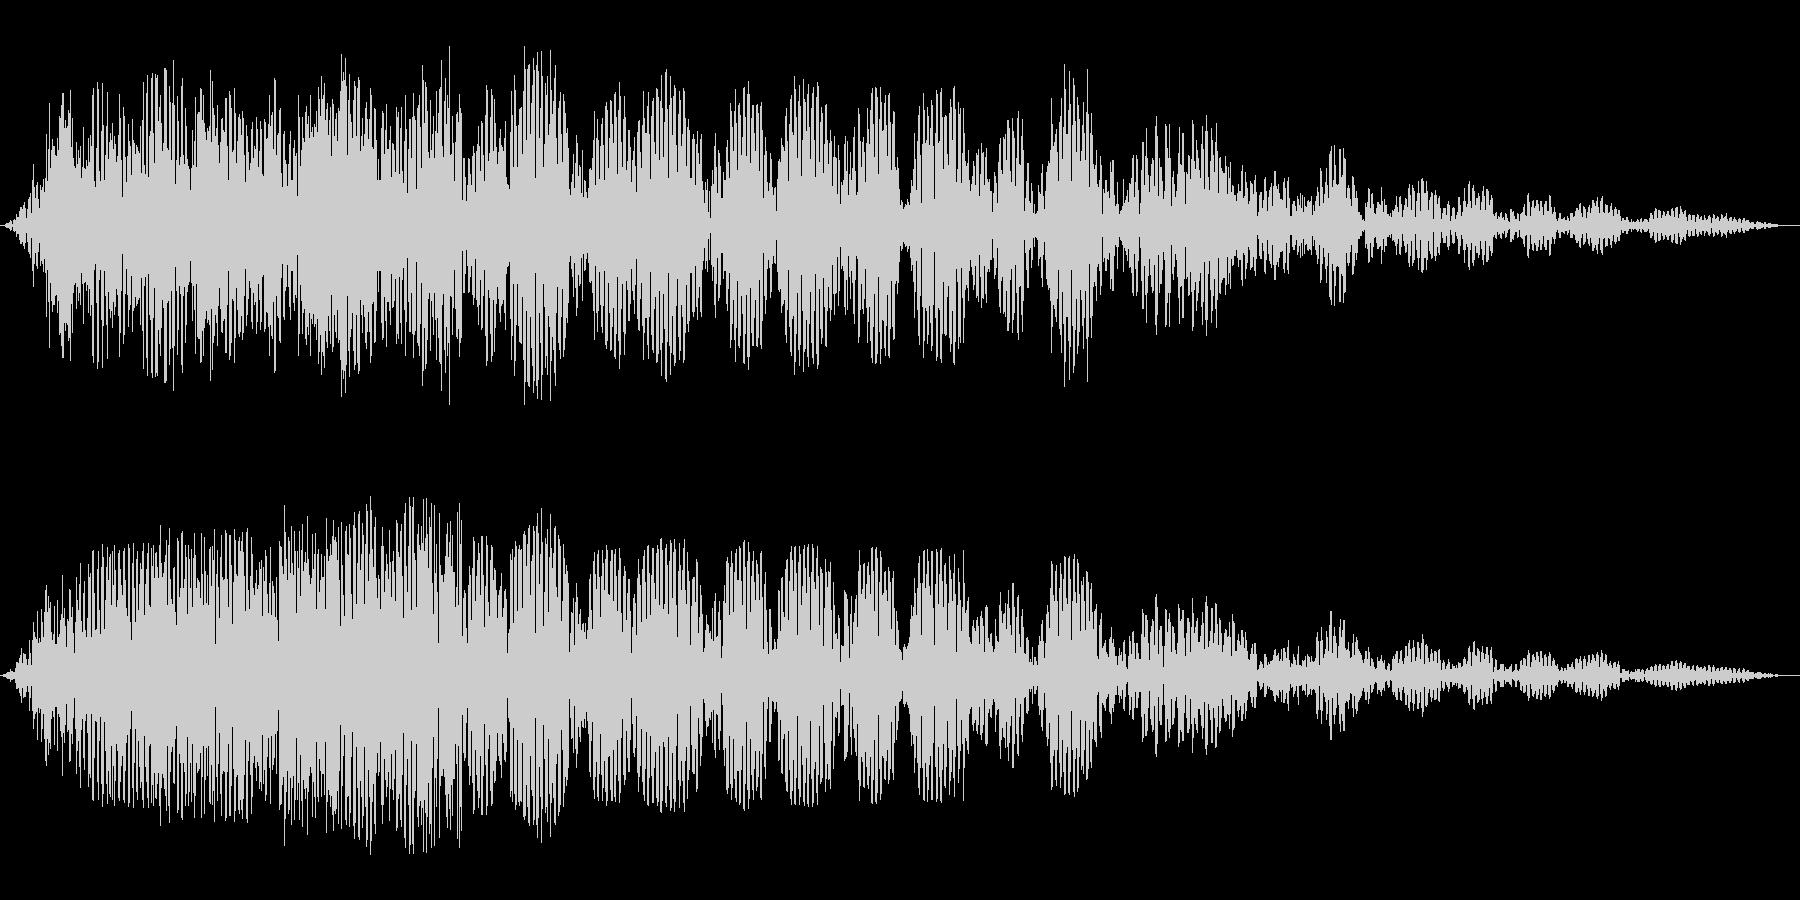 ふわふわ(低音の不気味な効果音)の未再生の波形